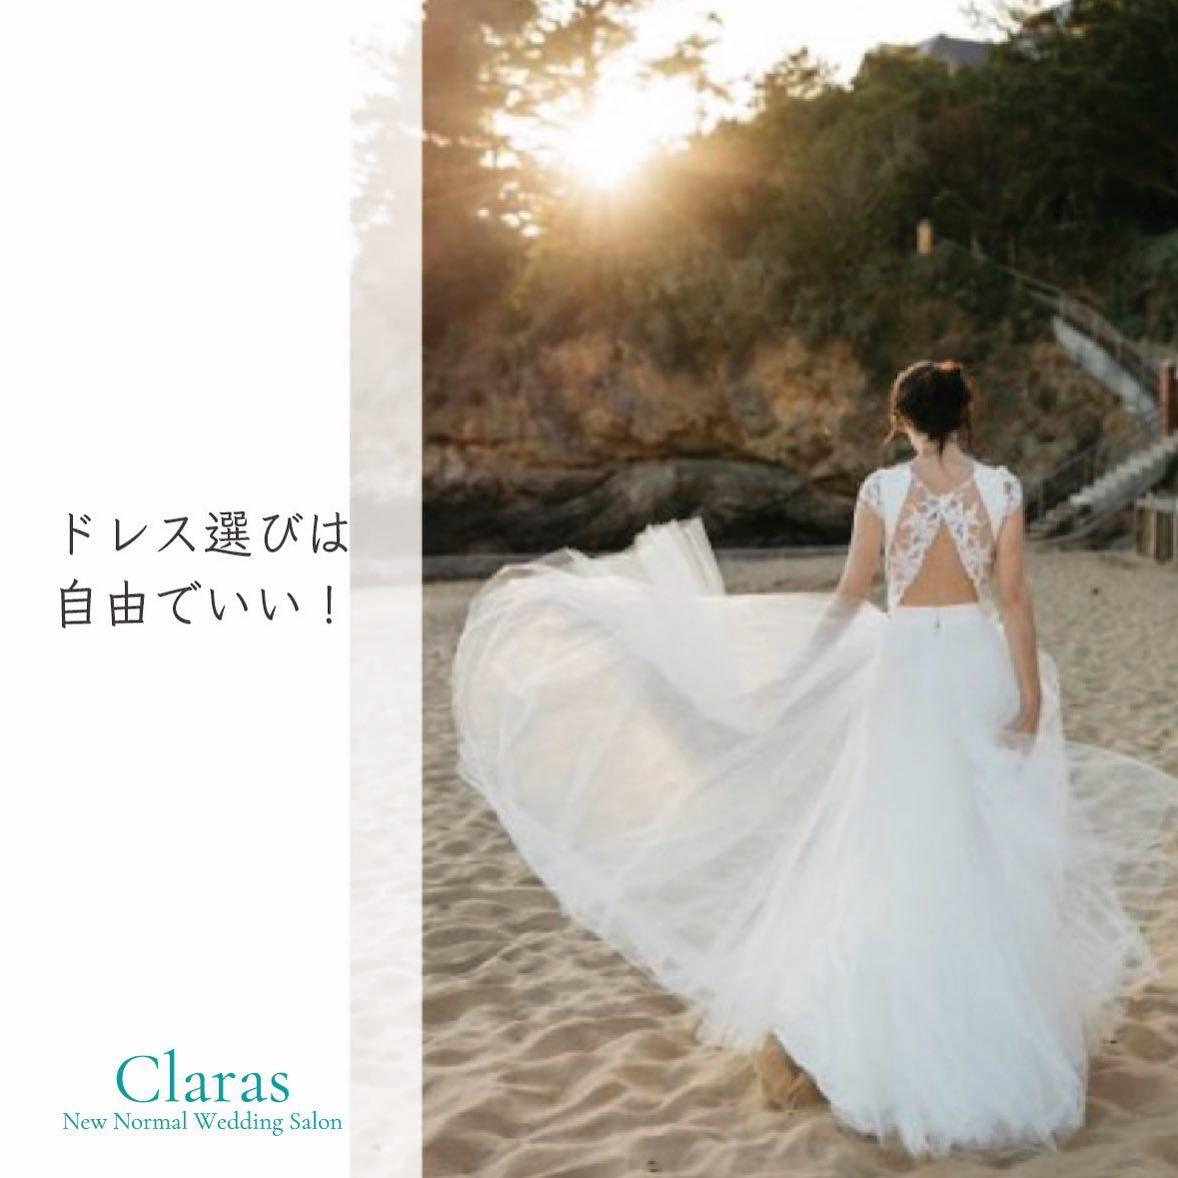 """🕊何にも縛られず好きなドレスを選んで🕊持込料とか色々な制限に縛られている花嫁さまを見ていると悲しくなりますClarasではそんな悲しい想いをされている花よさまへ、様々なご提案をさせてあただきます・自由に自分の着たいドレスを選びましょう・今までのやり方より、今の時代に合ったやり方を🤍・自分たちらしい結婚準備がClarasならできます・インポートドレスを適正価格でお届けするのがClarasレンタルでは叶わない繊細で上質な素材も、ジャストサイズだから再現できるデザイン美も販売だからこそ叶えていけるクオリティ🤍Parisに関連会社があるからこそ直輸入での適正価格・Clarasは1組ずつ貸切でご案内寛ぎながら本当にその方に合った1着へと導きます🤍自分だけのための1着を選びに来てください❣️結婚式やフォトなど迷ってる方でもまずはClarasへ🕊長年様々なウエディングに携わってきたClarasスタッフより、細かなカウンセリングを行い的確ななご提案をさせていただきますご予約はDMからでも承れます・New Normal Wedding Salon""""Claras""""https://claras.jp/・about """"Claras""""…(ラテン語で、明るい·輝く)As(明日· 未来, フランス語て最高、一番) ・明るく輝く明日(未来) に貢献したいという想いを込めています🕊Fashionの都Parisをはじめ、欧米から選りすぐりのドレスをこれから出逢う花嫁のために取揃えました・2021.3.7 (Sun)NEW OPEN・Dressから始まるWedding Story""""憧れていた Dress選びから始まる結婚準備があったっていい""""・さまざまな新しい「価値」を創造し発信していきますこれからの新しい Wedding の常識を""""Claras """"から🕊・New Normal Wedding Salon【Claras】〒107-0061 東京都港区北青山2-9-14SISTER Bldg 1F(101) 東京メトロ銀座線 外苑前駅3番出ロより徒歩2分Tel:03 6910 5163HP: https://claras.jp営業時間:平日 12:00-19:00 土日祝11:00-18:00(定休日:月・火)・#wedding #weddingdress #legeretes #claras #paris #vowrenewal#ウェディングドレス #プレ花嫁 #ドレス試着 #ドレス迷子 #2021冬婚 #ヘアメイク #結婚式  #ドレス選び #前撮り #インポートドレス #フォトウェディング #ウェディングヘア  #フォト婚 #ニューノーマル #ブライダルフォト #カップルフォト #ウェディングドレス探し #ウェディングドレス試着 #セルドレス #ドレスショップ #家族婚 #バウリニューアル #記念日婚 #婚約しました"""